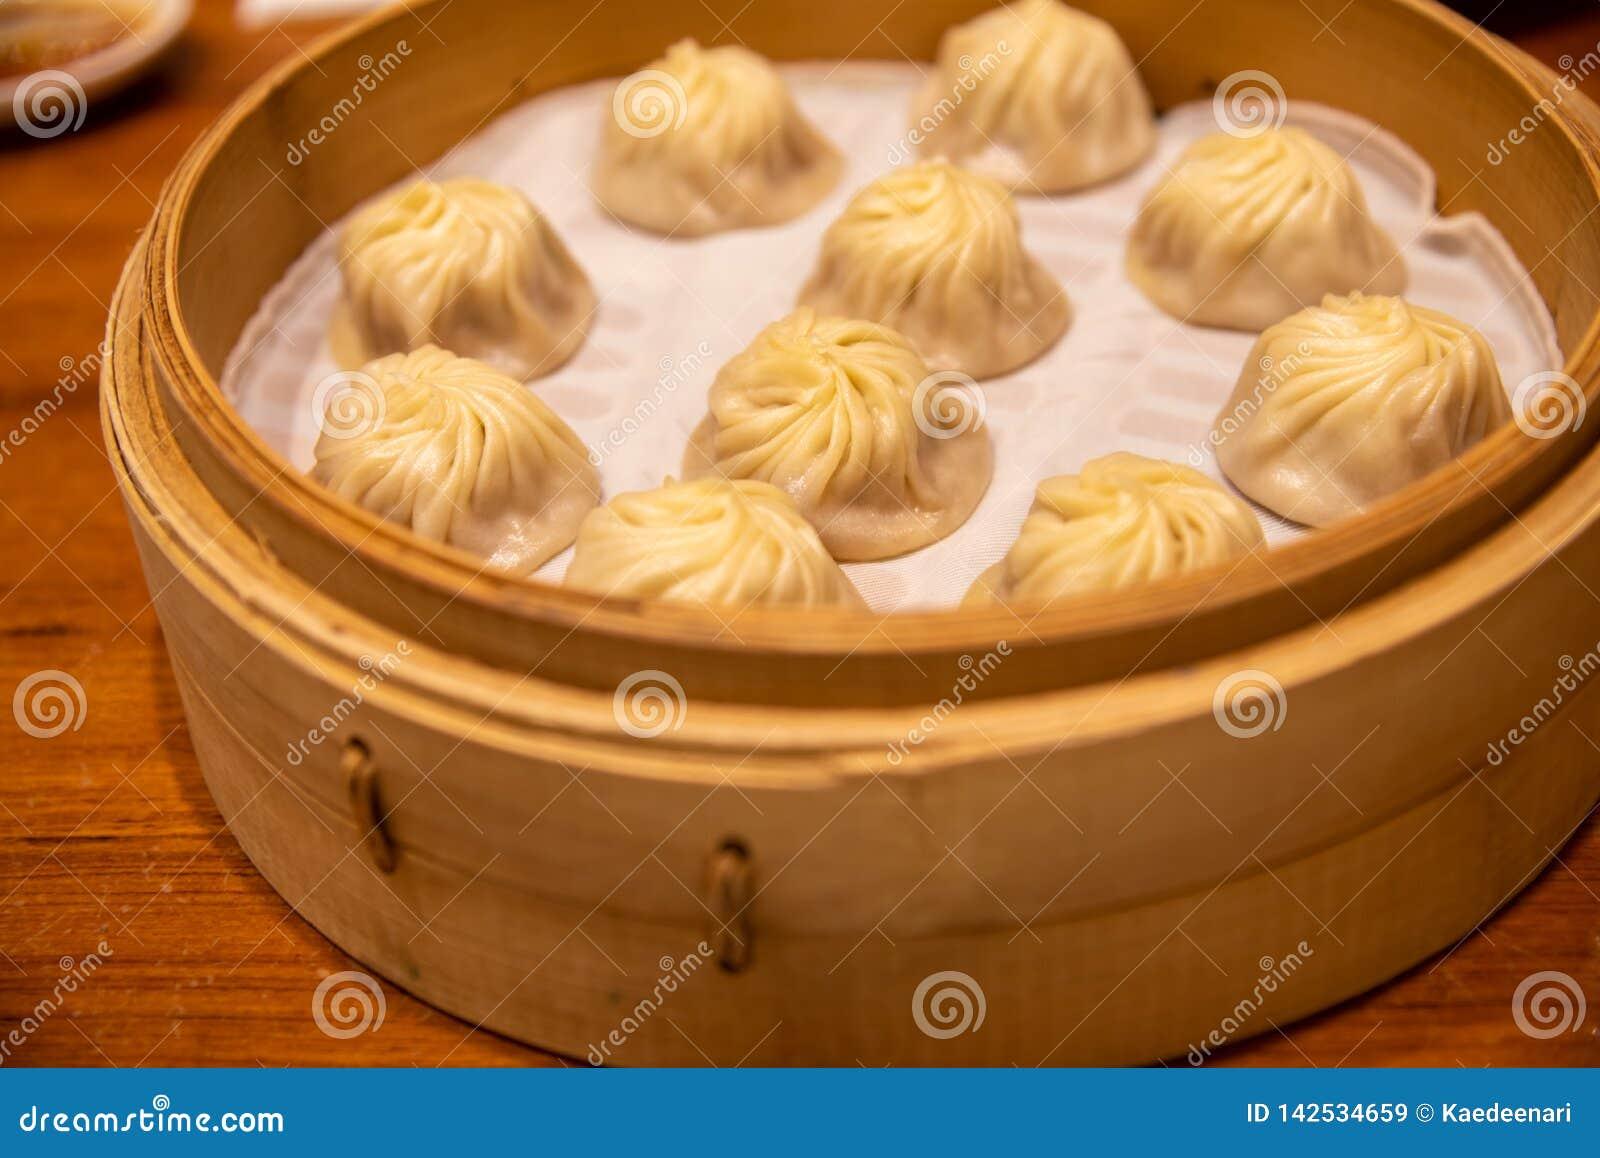 Κινεζικό βρασμένο στον ατμό βρασμένο κουλούρι ονομασμένο baozi Xiaolongbao αποκαλούμενο επίσης μπουλέττα σούπας